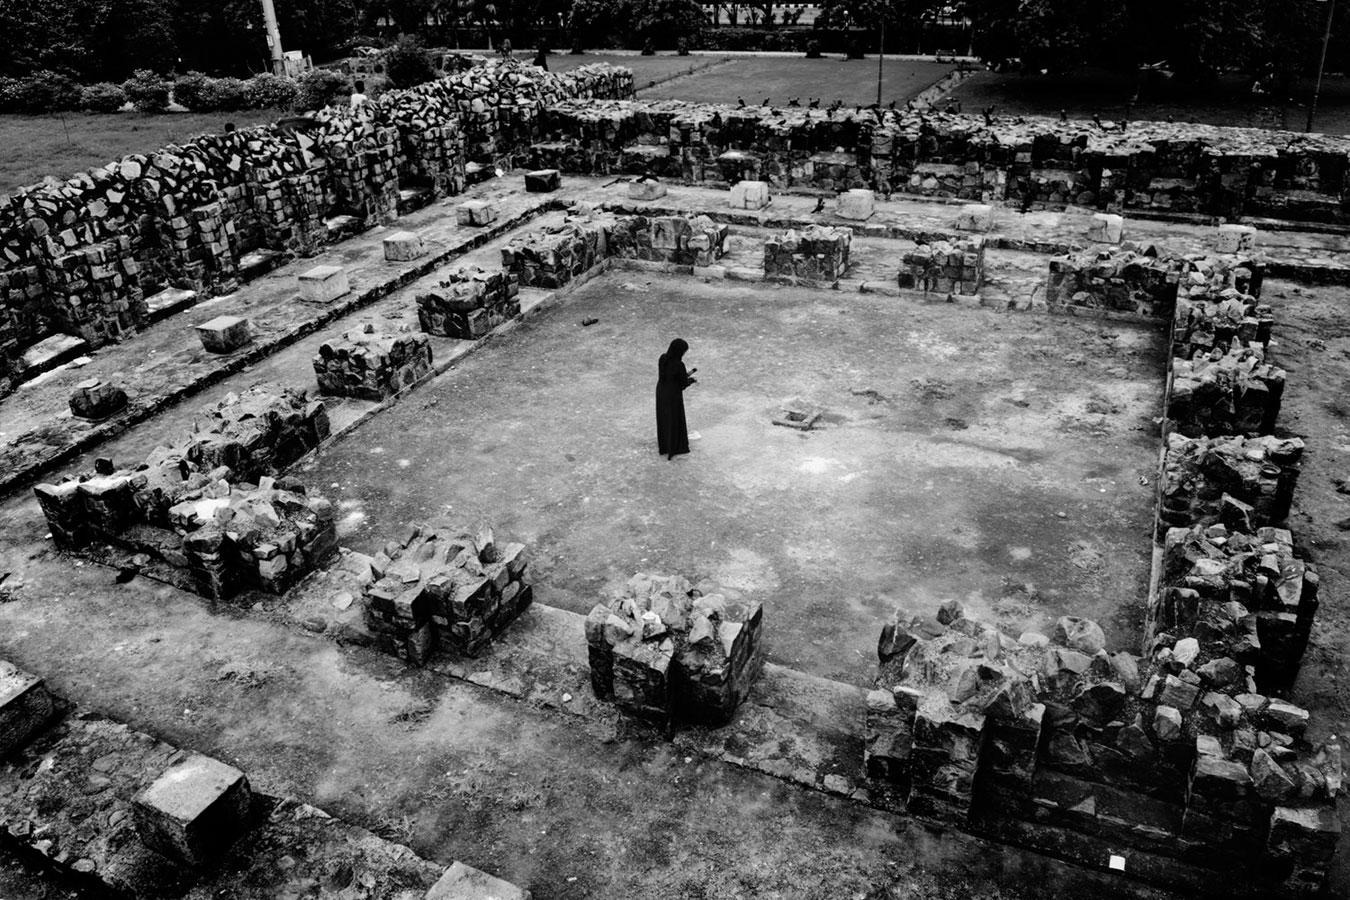 © Таха Ахмад, Новый взгляд, Конкурс документальной фотографии